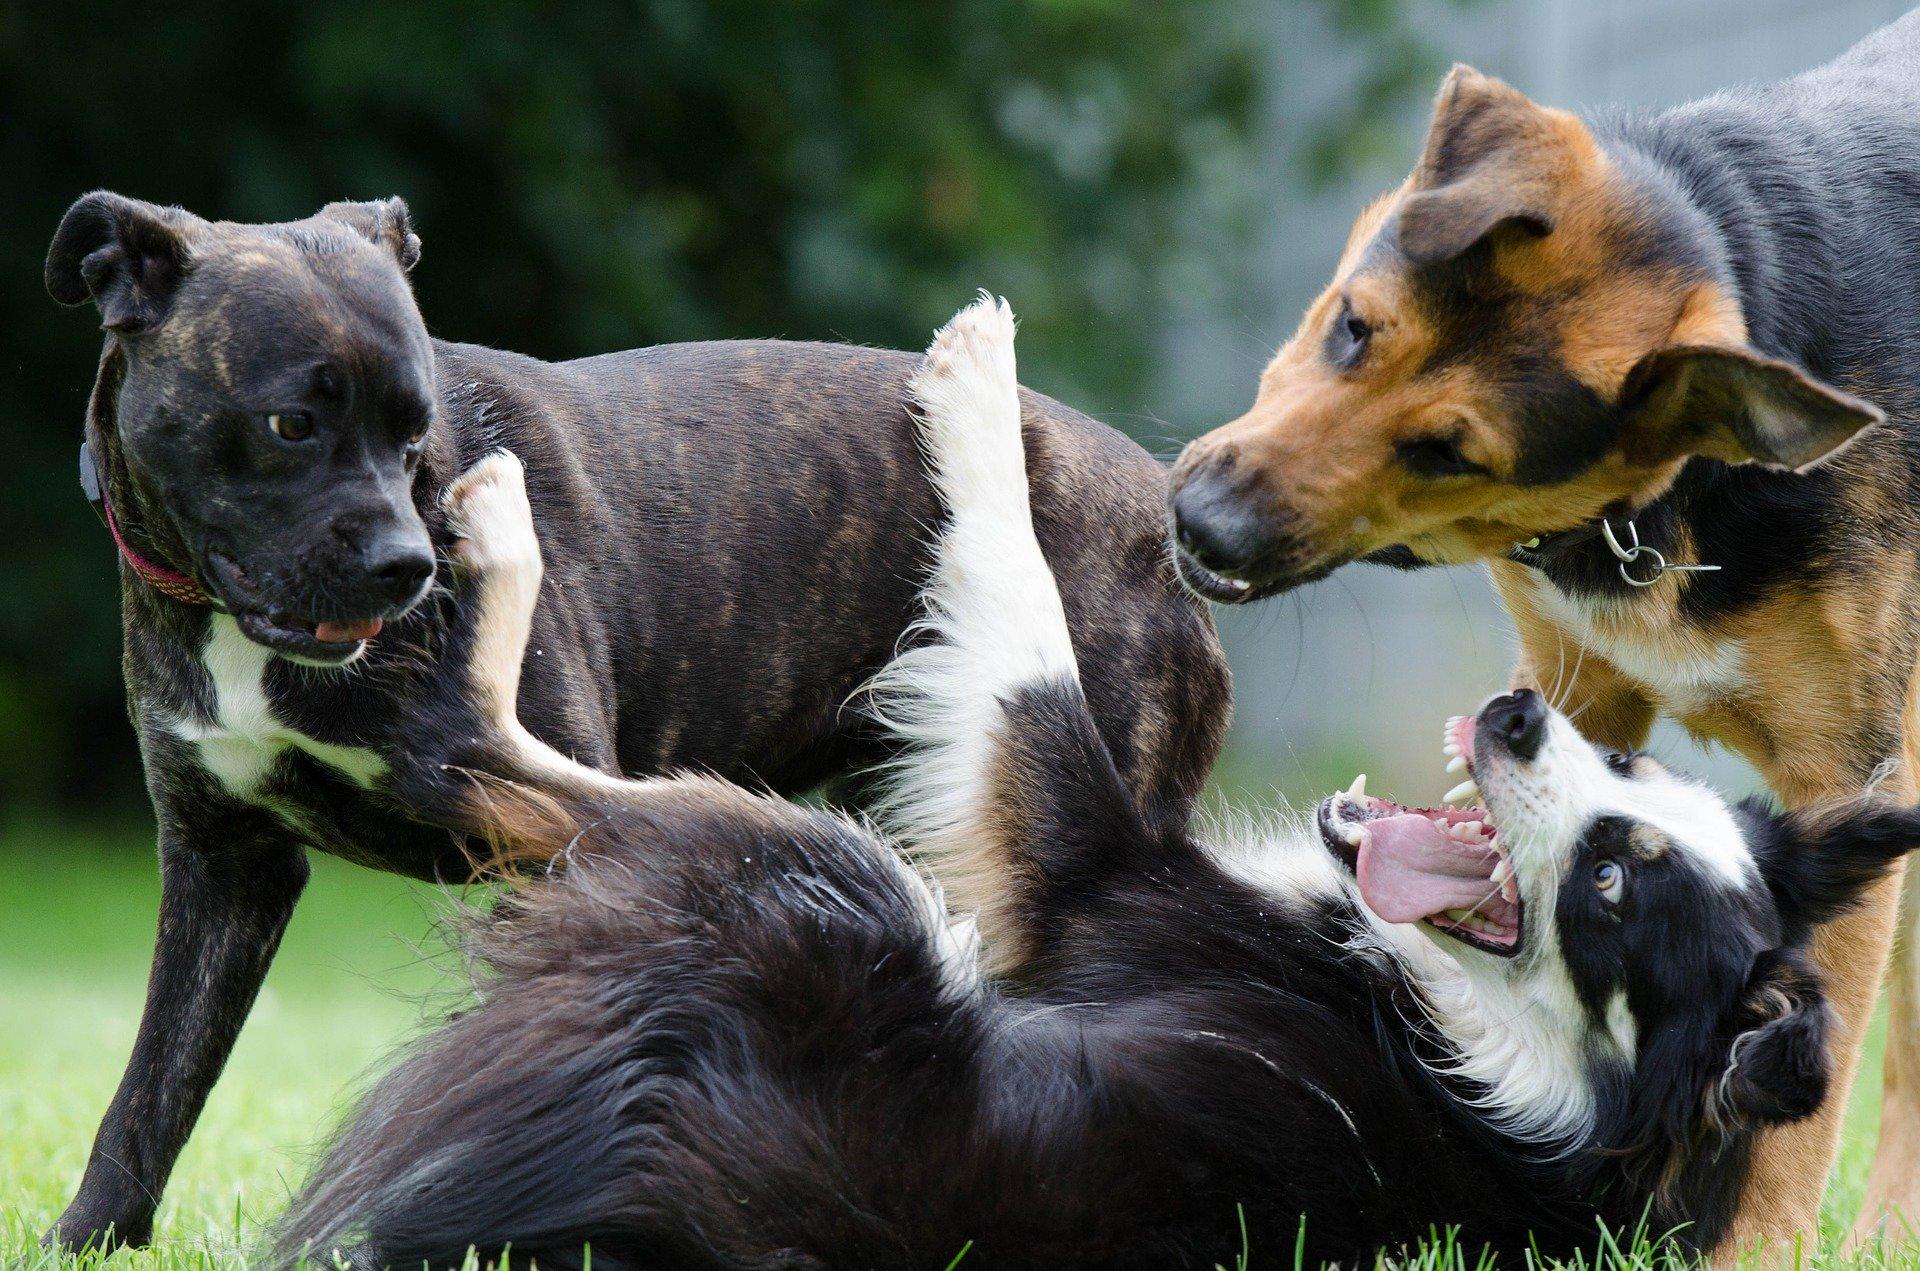 Découvrez quelle est la race de chien préférée des Français !